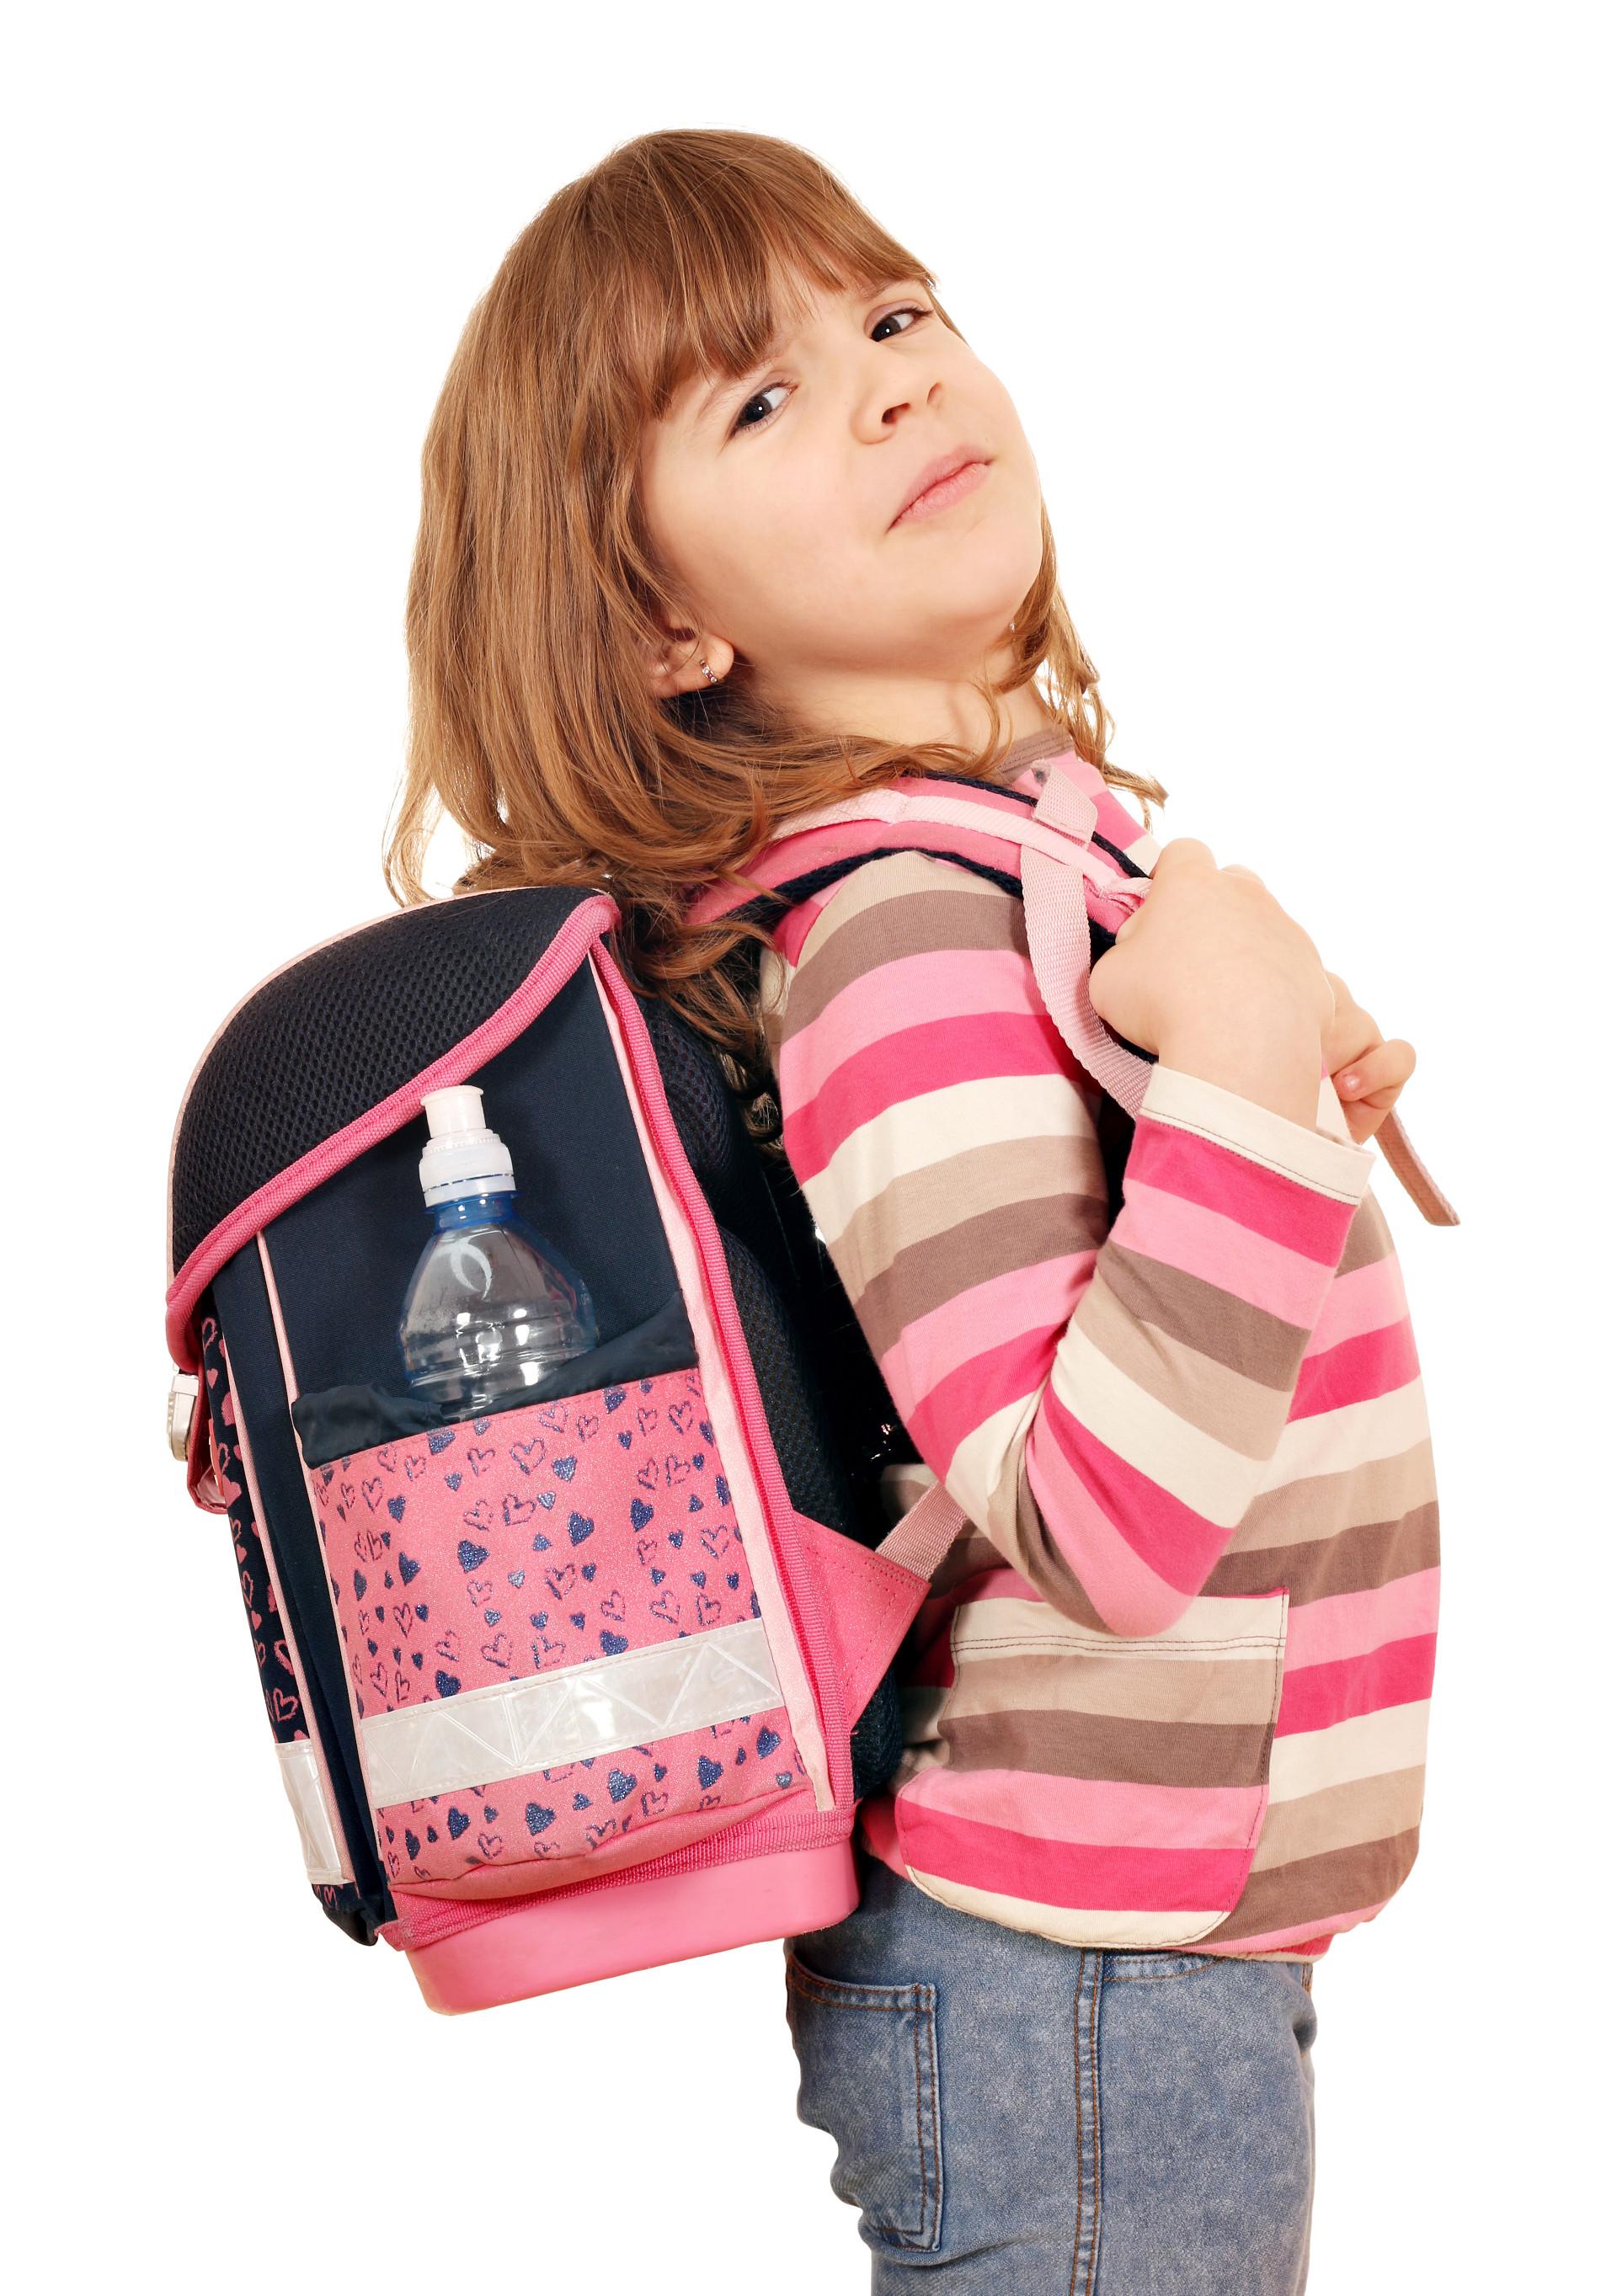 6a6172d4a6960 Faktencheck  3  Ein gefüllter Ranzen darf nur 10 % des Körpergewichts des  Kindes ausmachen